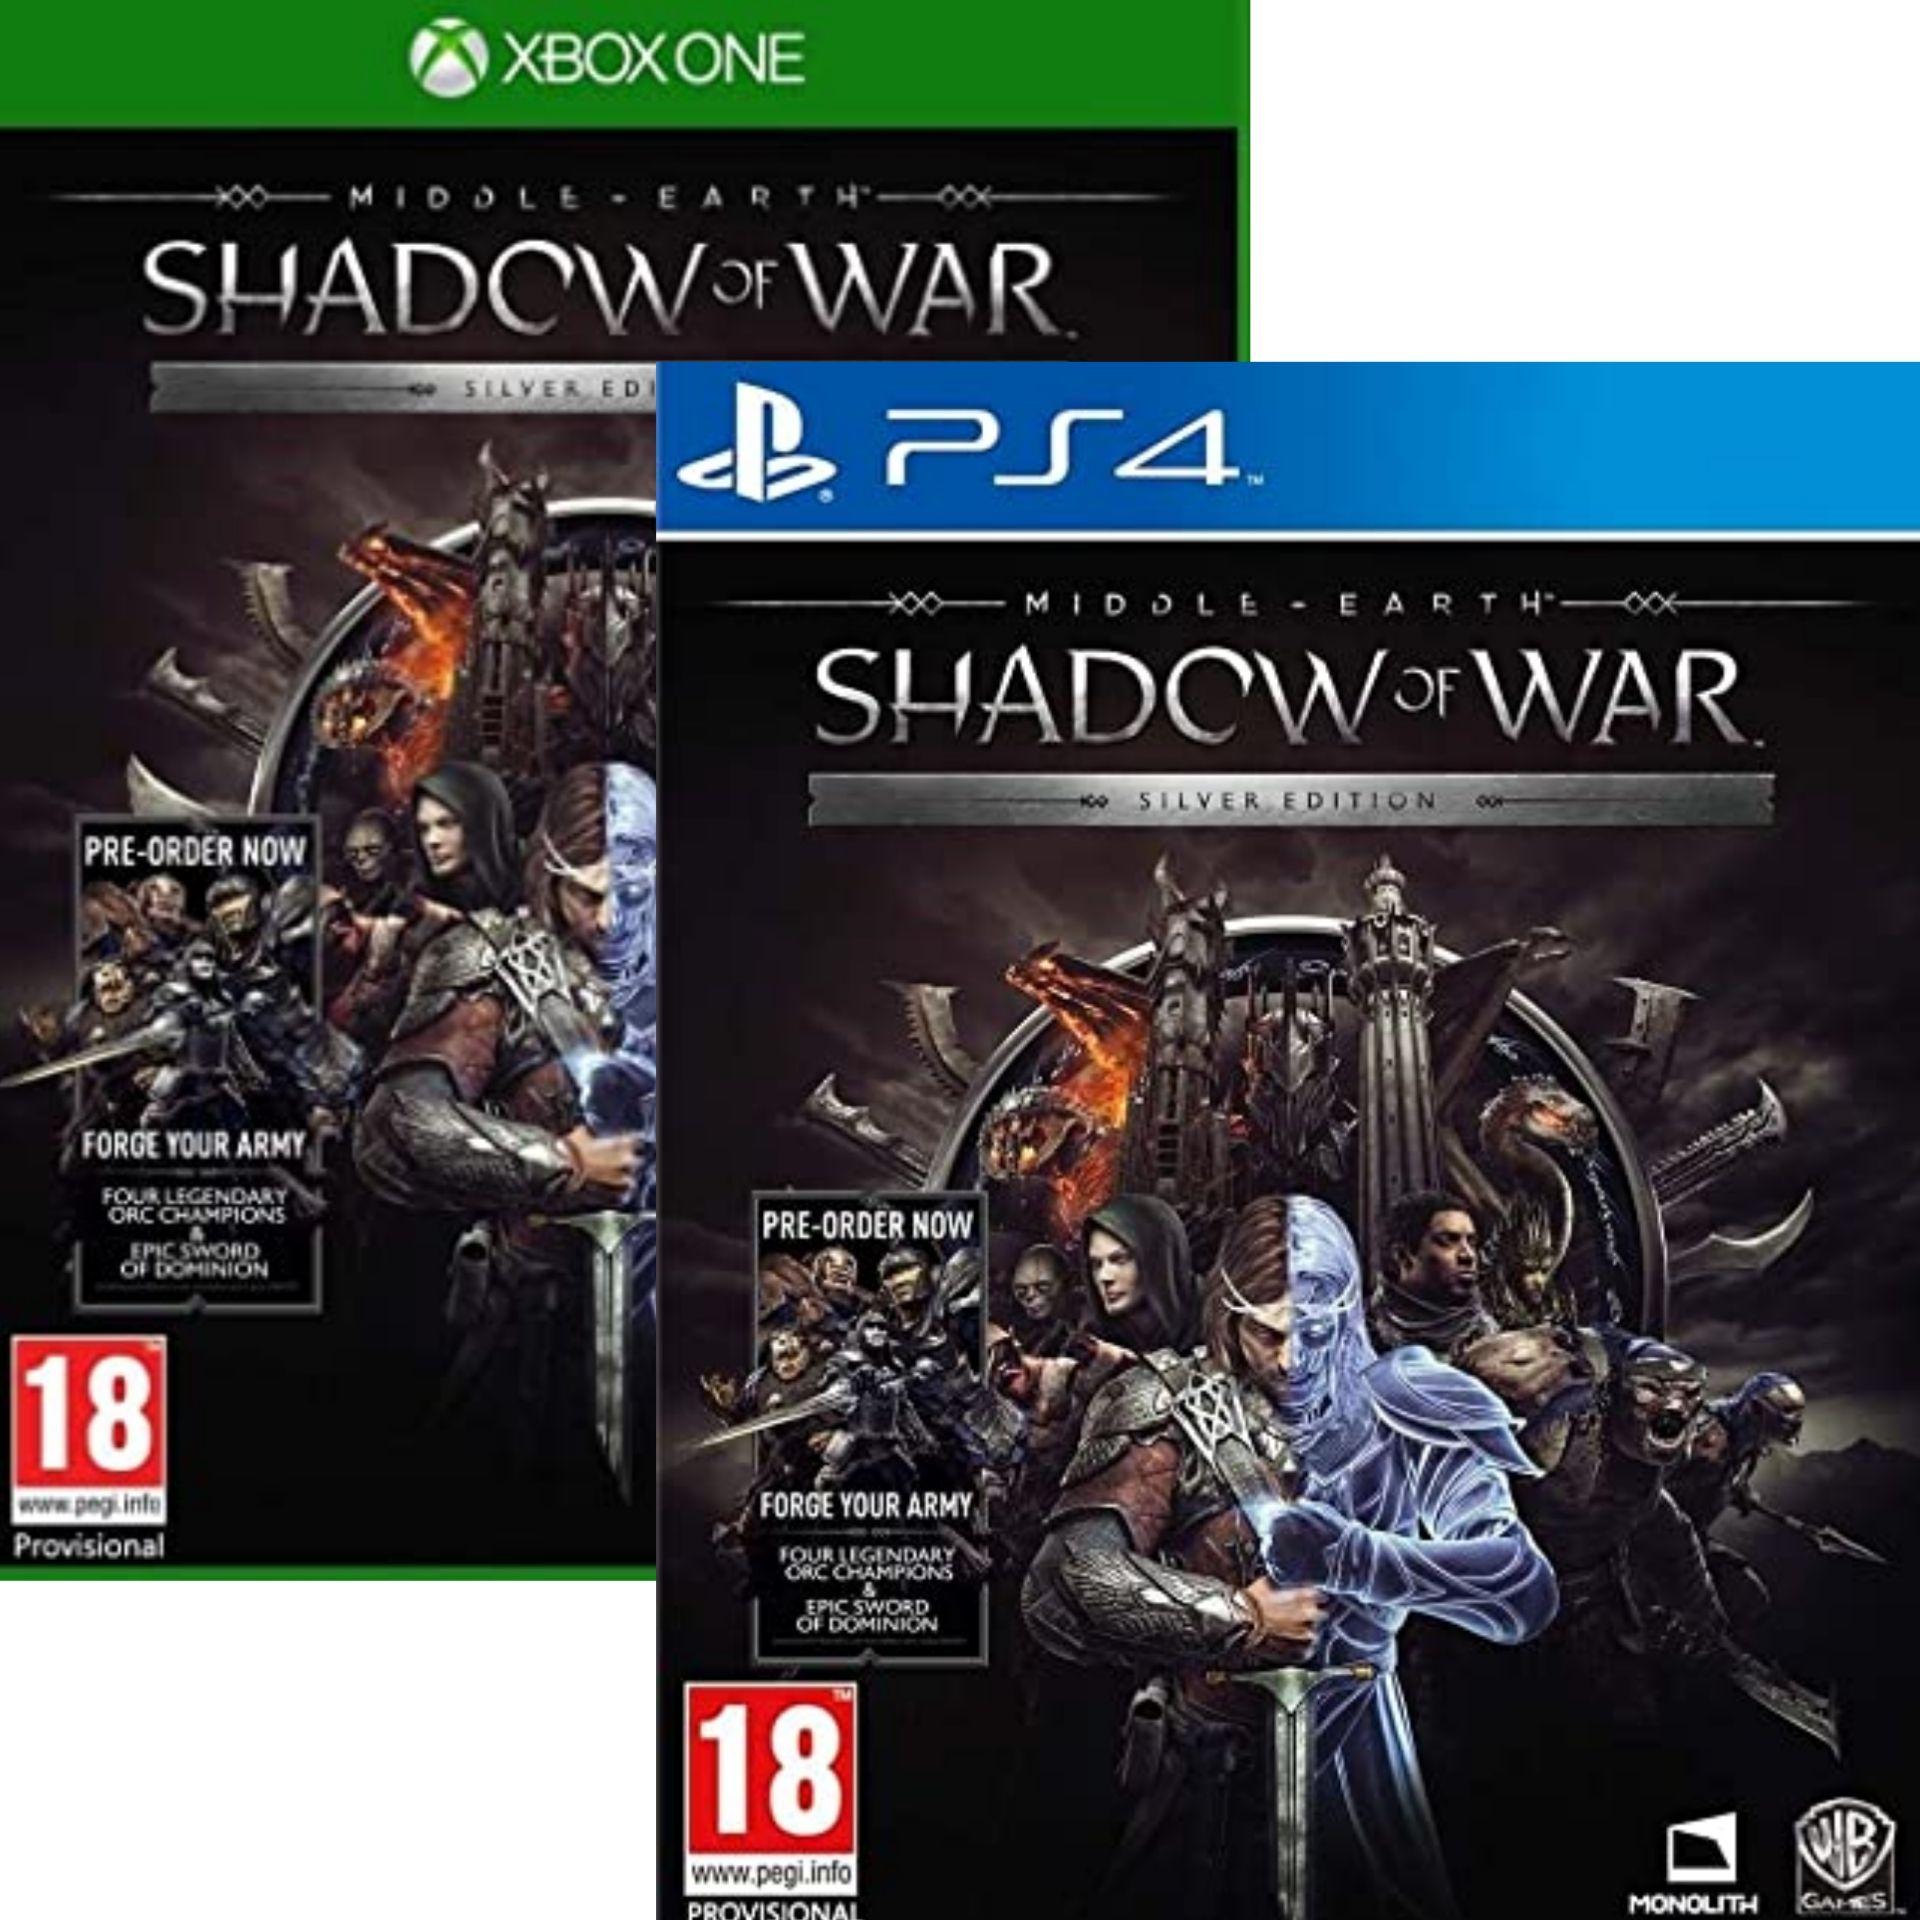 Jeu La Terre du Milieu : L'Ombre de la Guerre - Silver Edition sur PS4 ou Xbox One